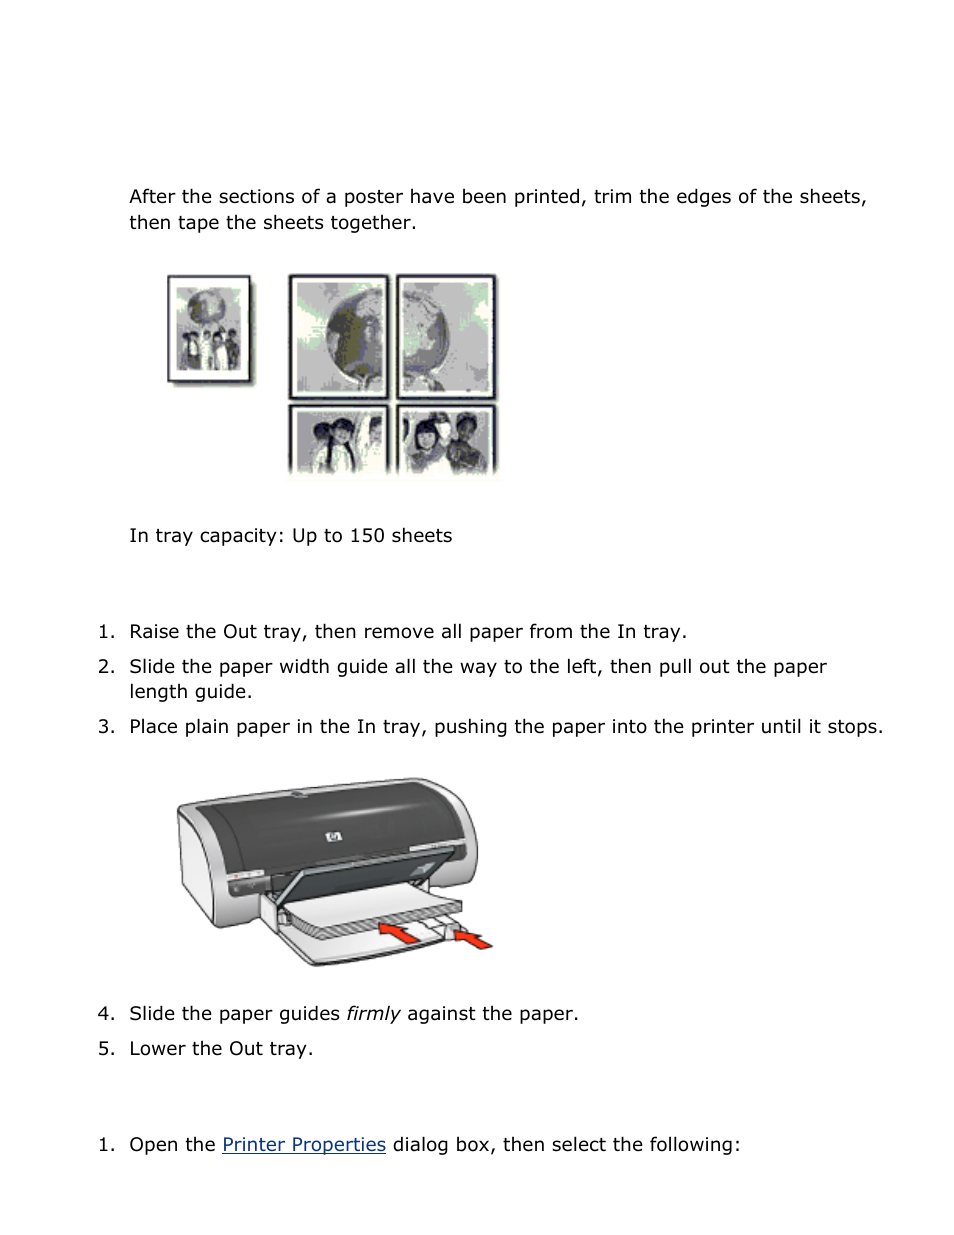 к hp 5150 принтеру инструкция